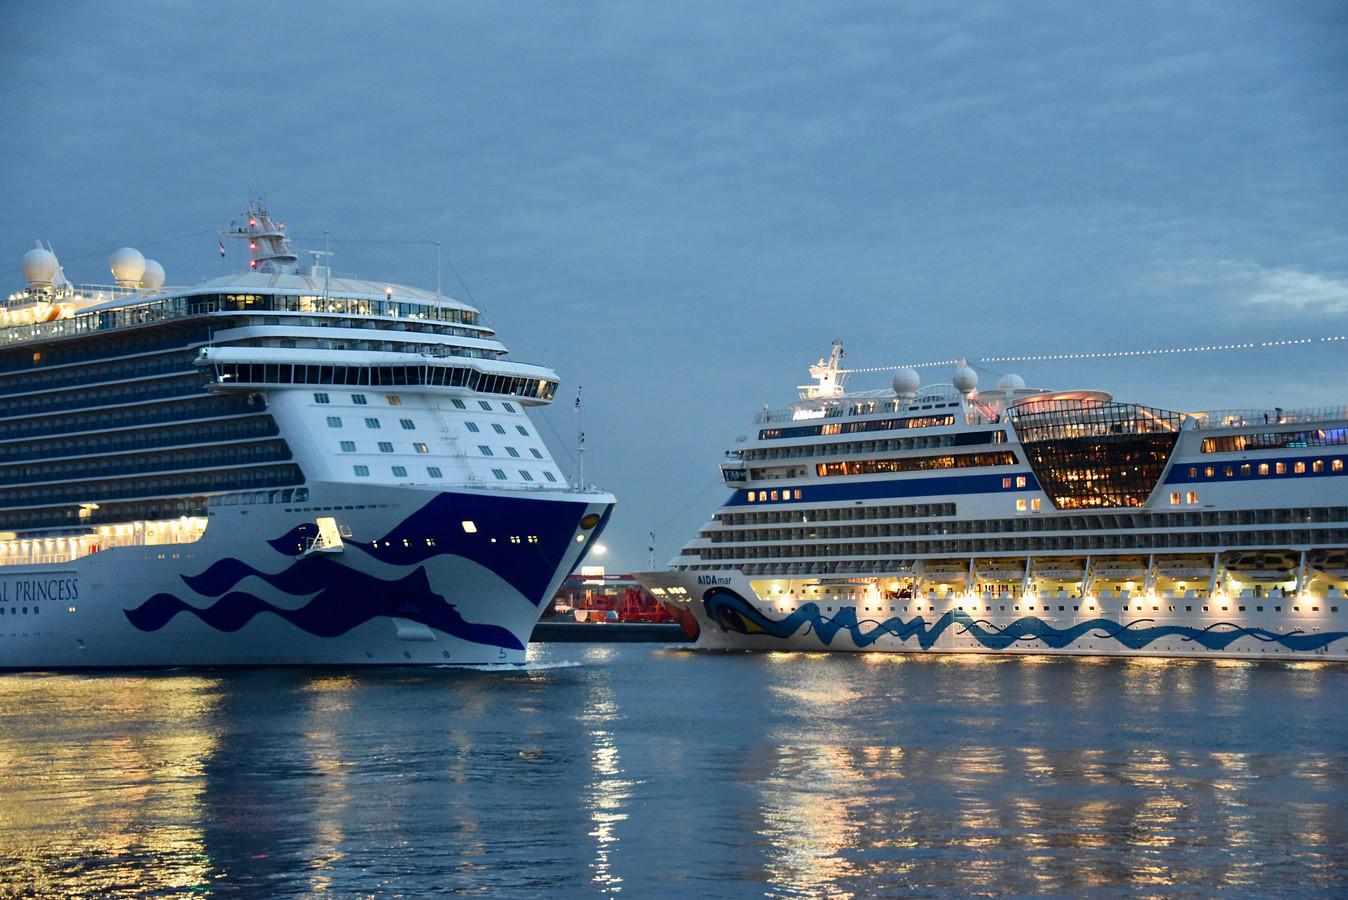 De cruiseschepen AIDAmar en Regal Princess passeren elkaar op de Nieuwe Maas.